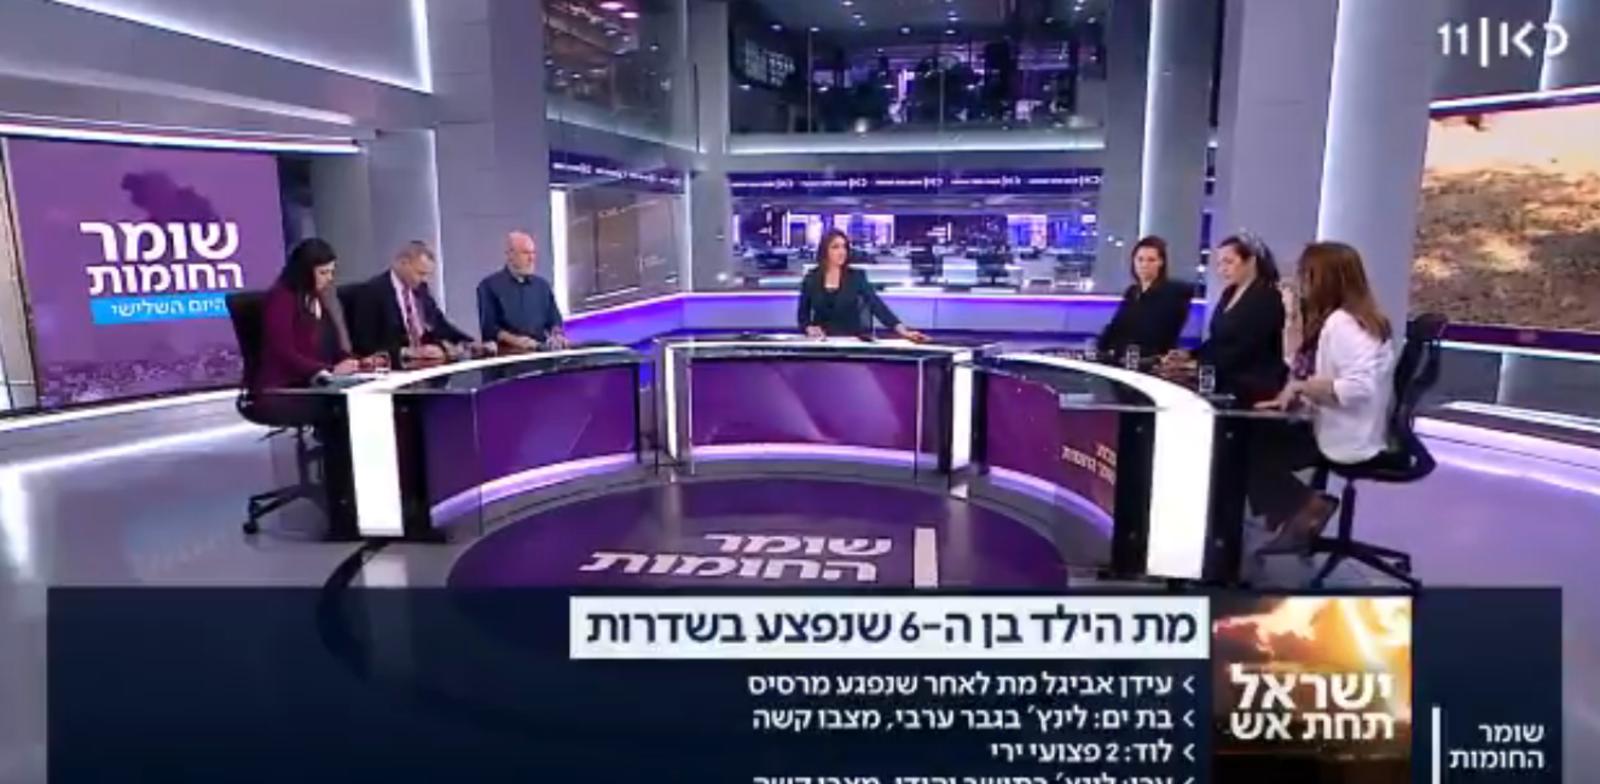 צילום מסך מהשידור באולפן חדשות כאן 11 / צילום: צילום מסך